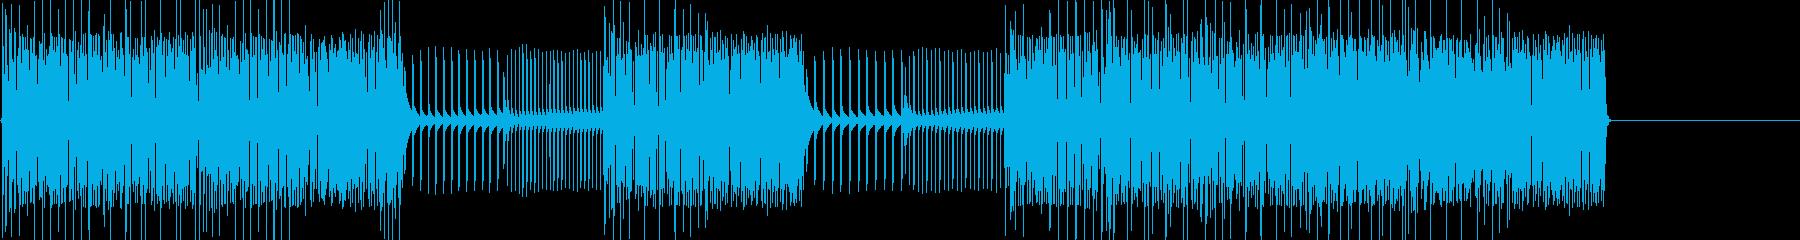 レトロゲームなチップチューンジングル28の再生済みの波形